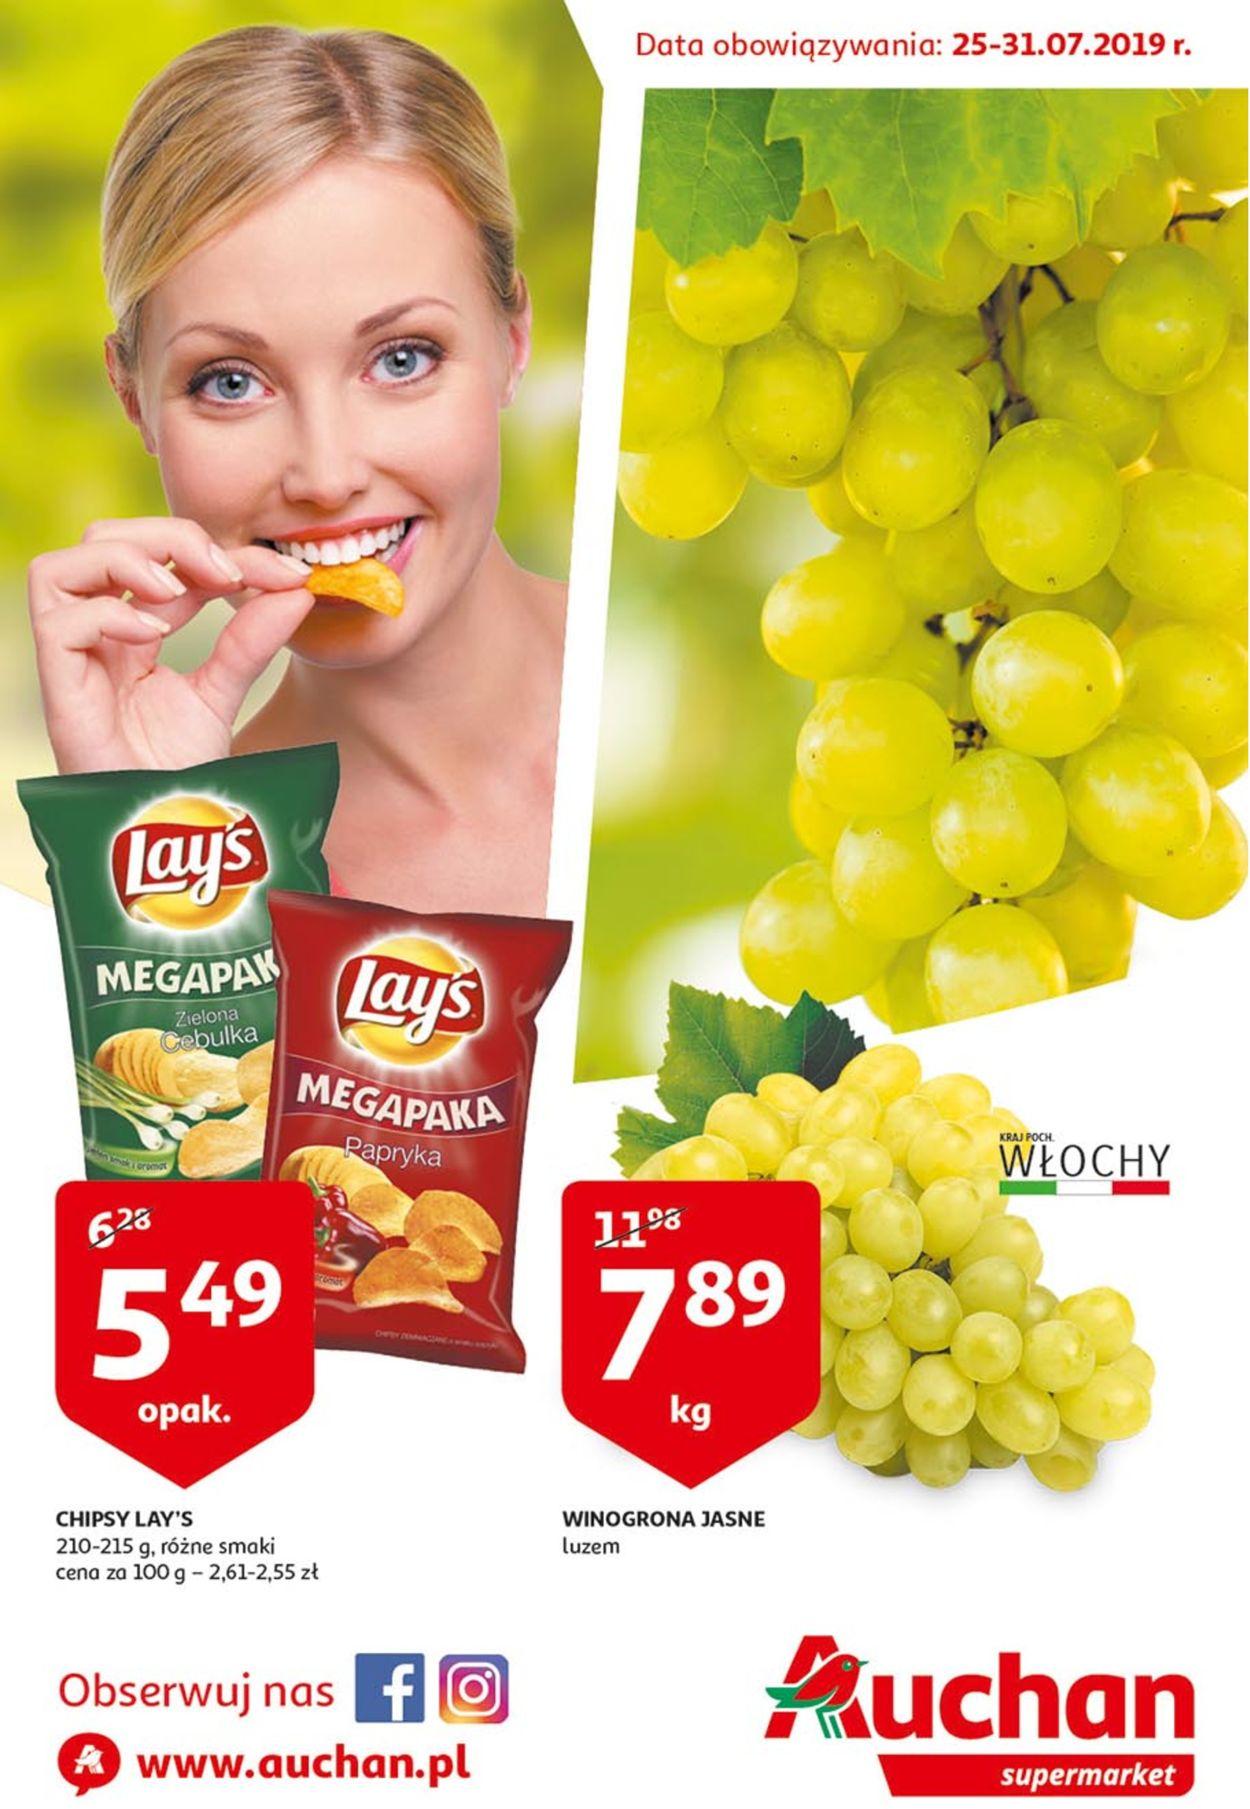 Gazetka promocyjna Auchan - 25.07-31.07.2019